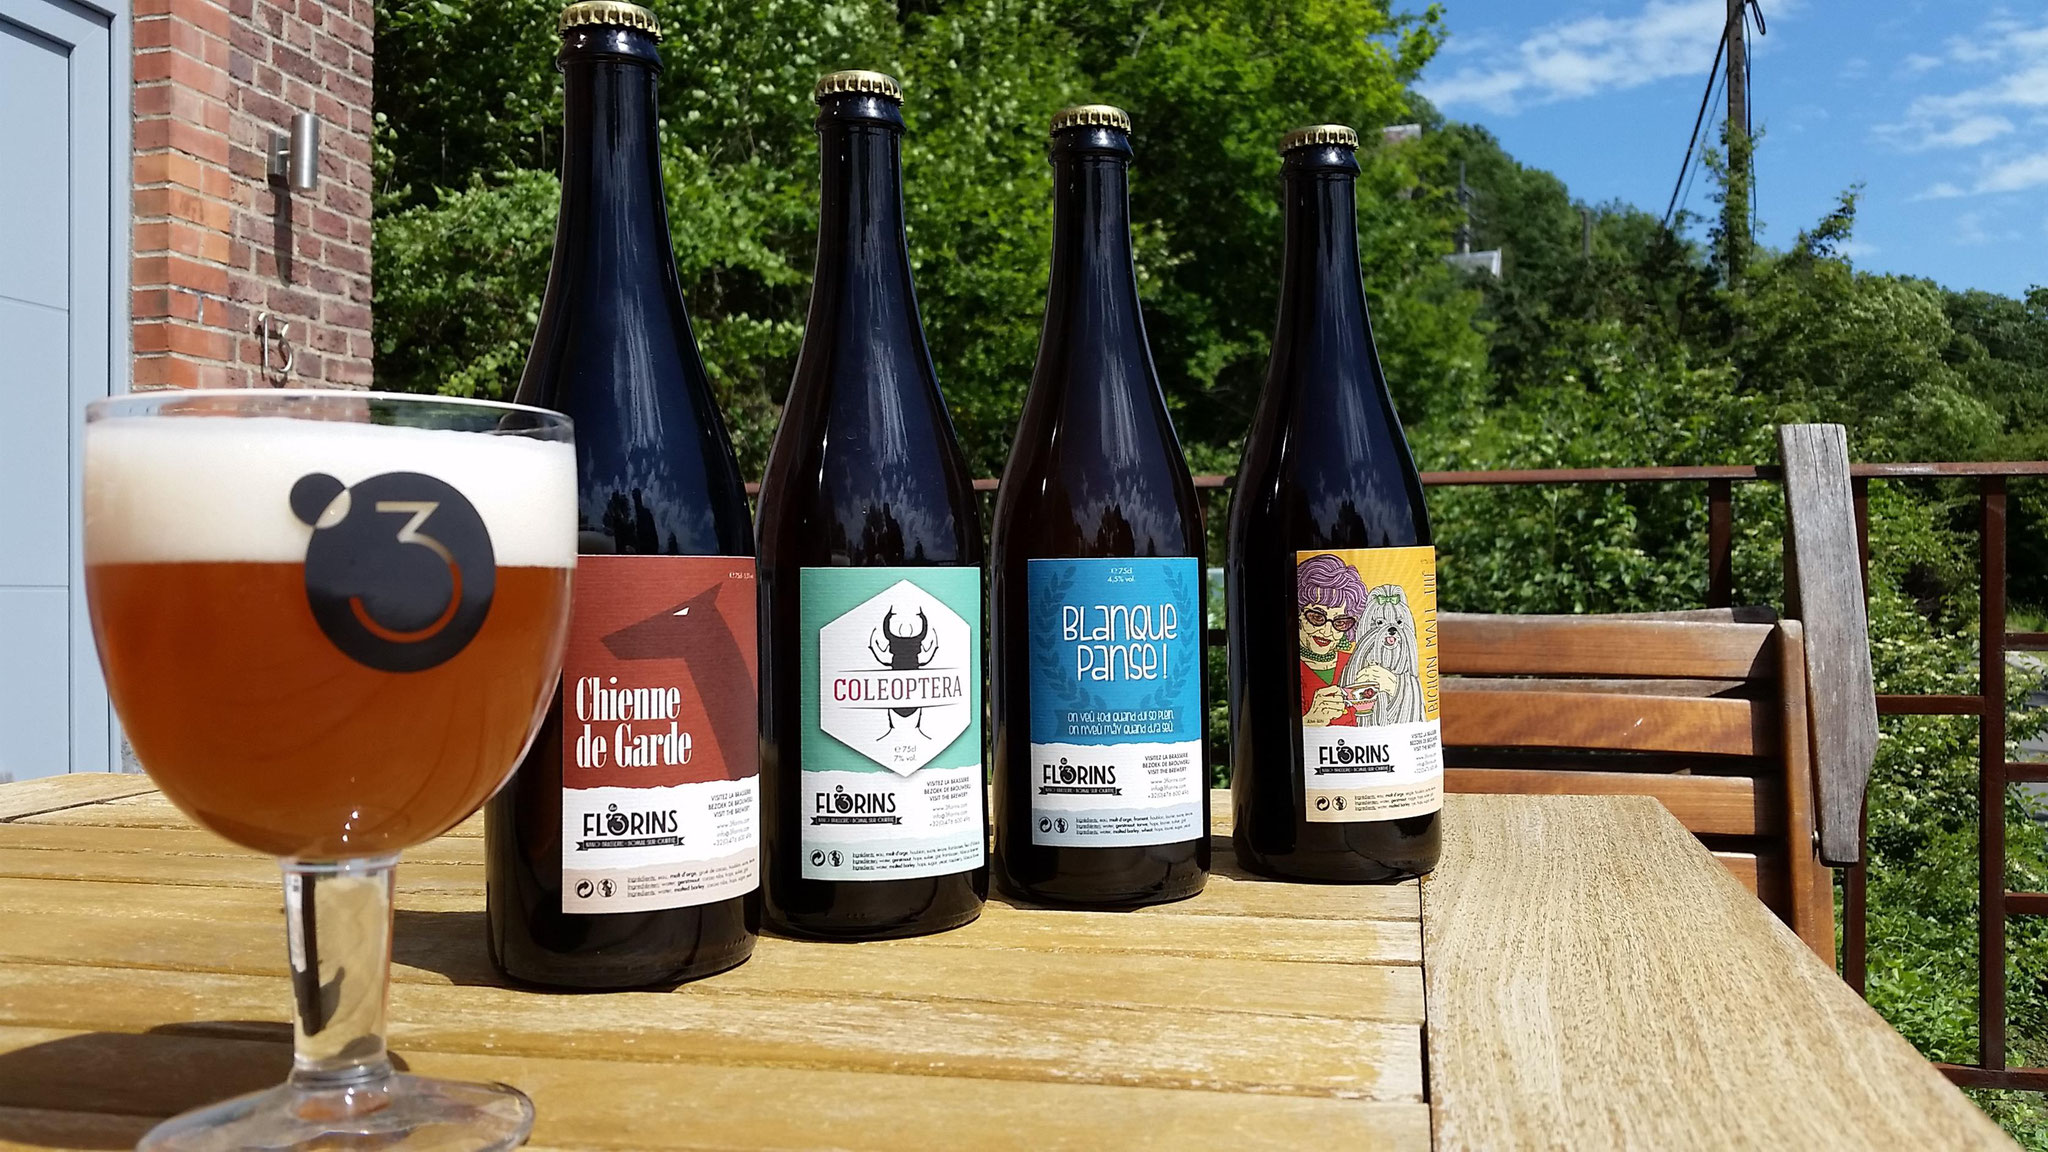 Les 3 Florins - Bières artisanales à Bomal